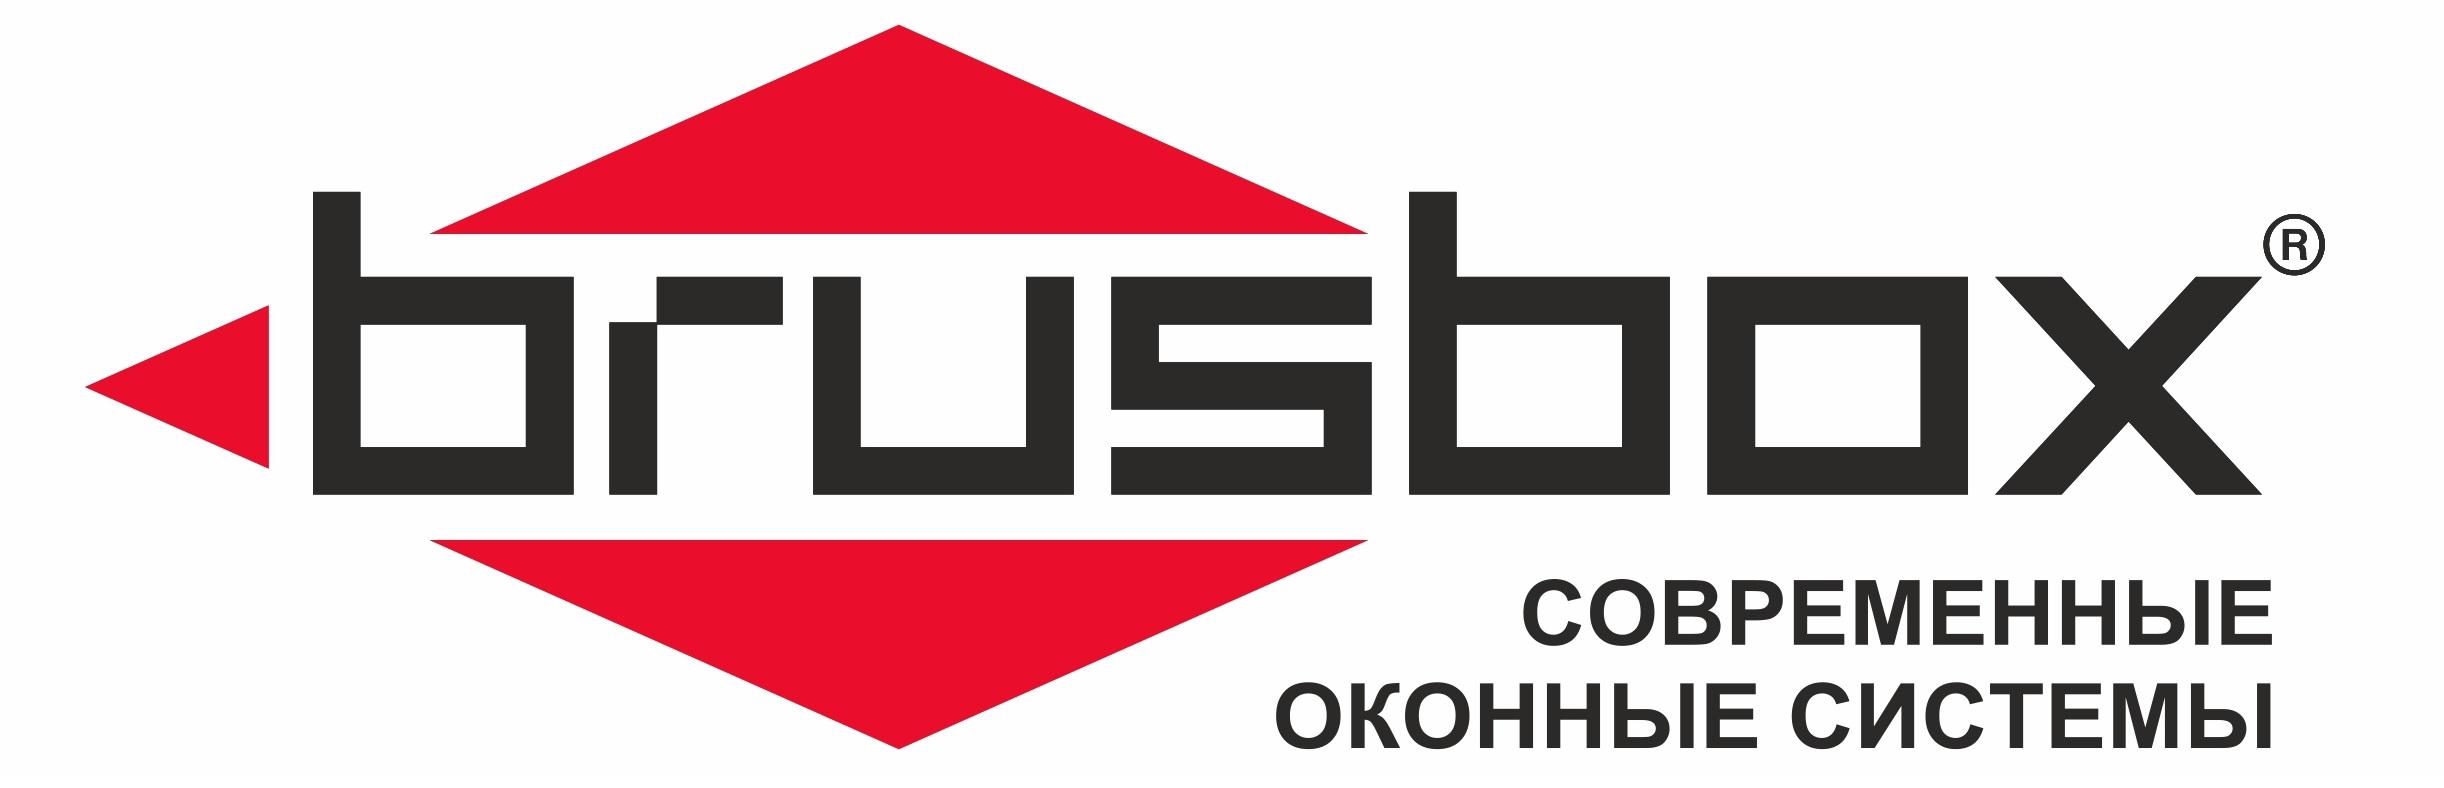 Brusbox и rehau: сравнение профильных систем